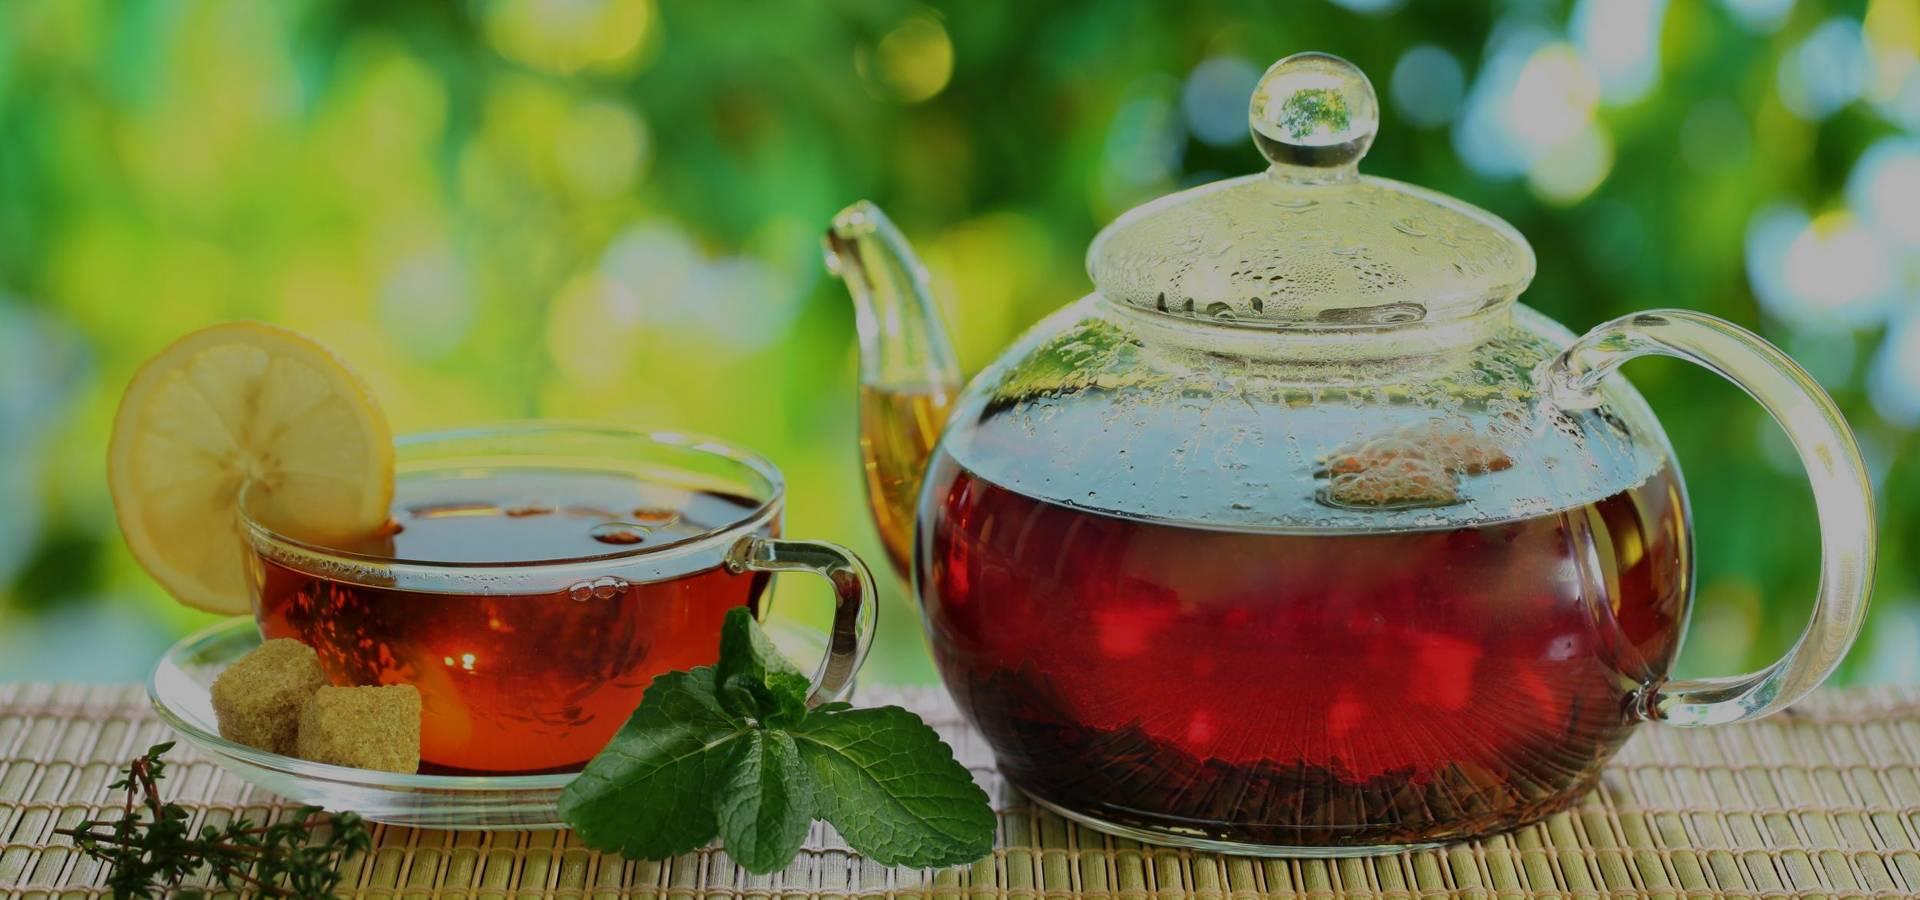 Чем вреден чай: 6 неожиданных выводов учёных - лайфхакер